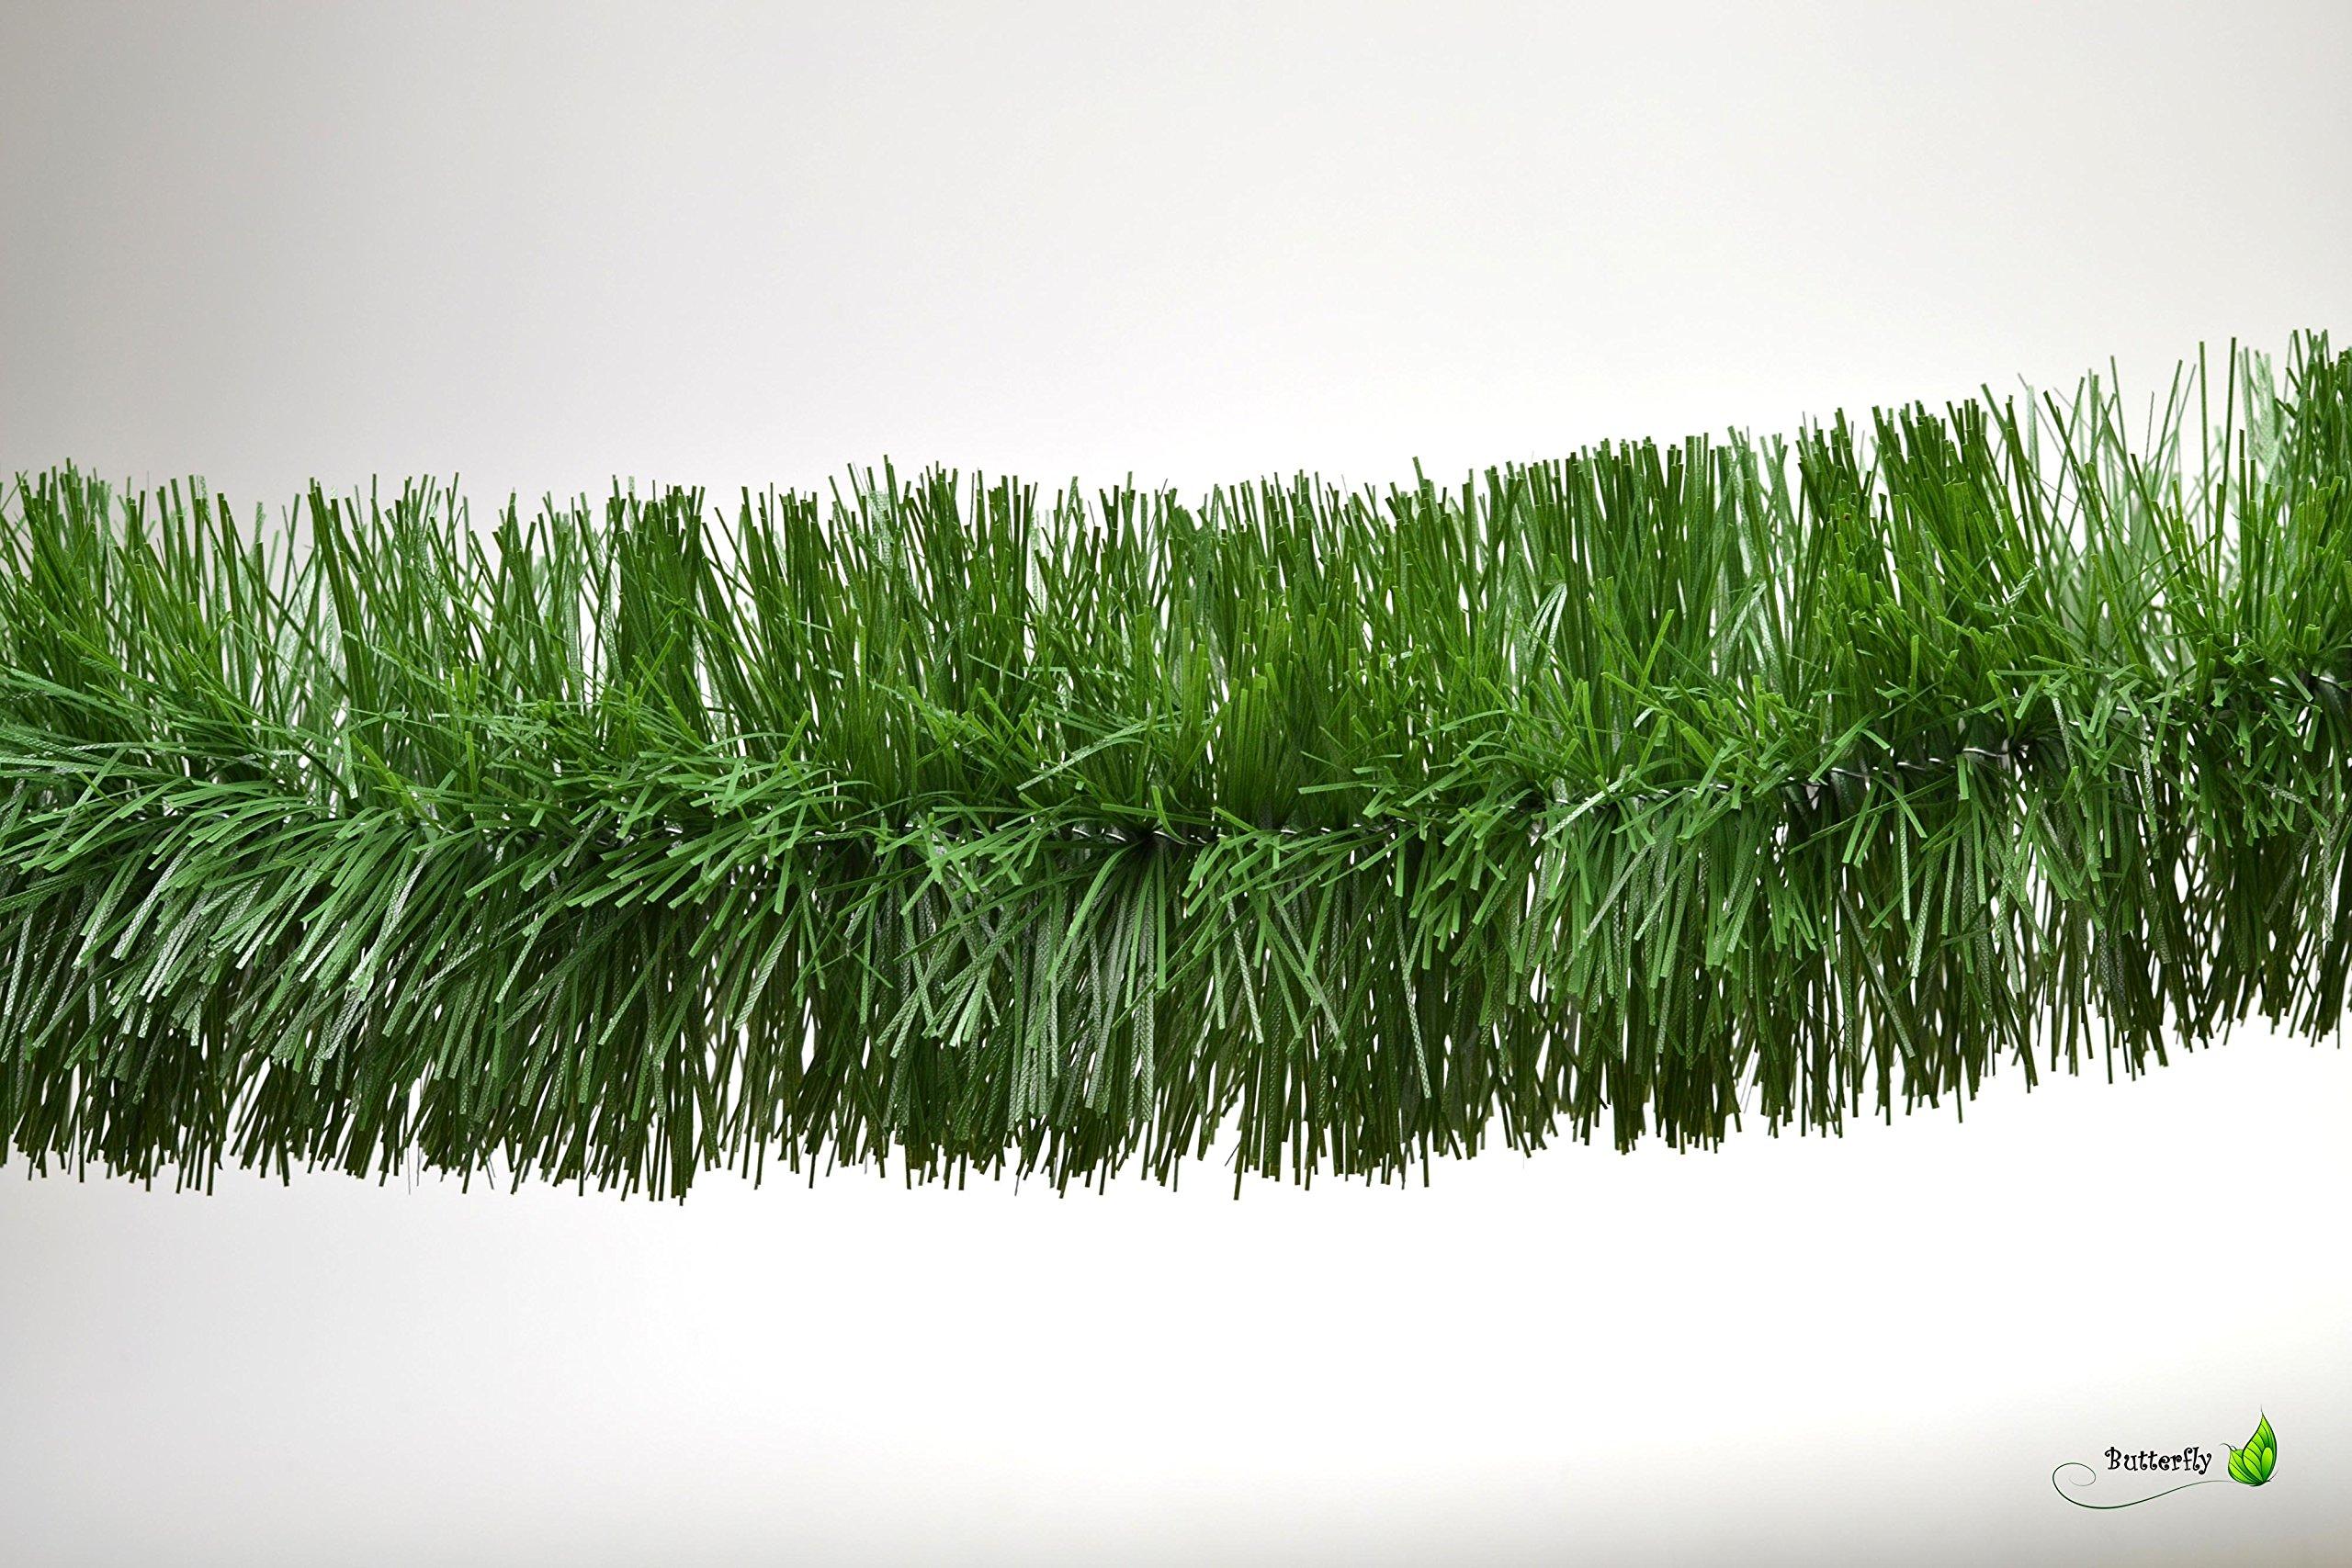 3m-Grasgirlande–10cm-grn-Tannengirlande-Weihnachtsgirlande-Girlande-Weinachten-Christbaumschmuck-Tanne-Gras-Deko-Festzeltgirlande-Hochzeit-100mm